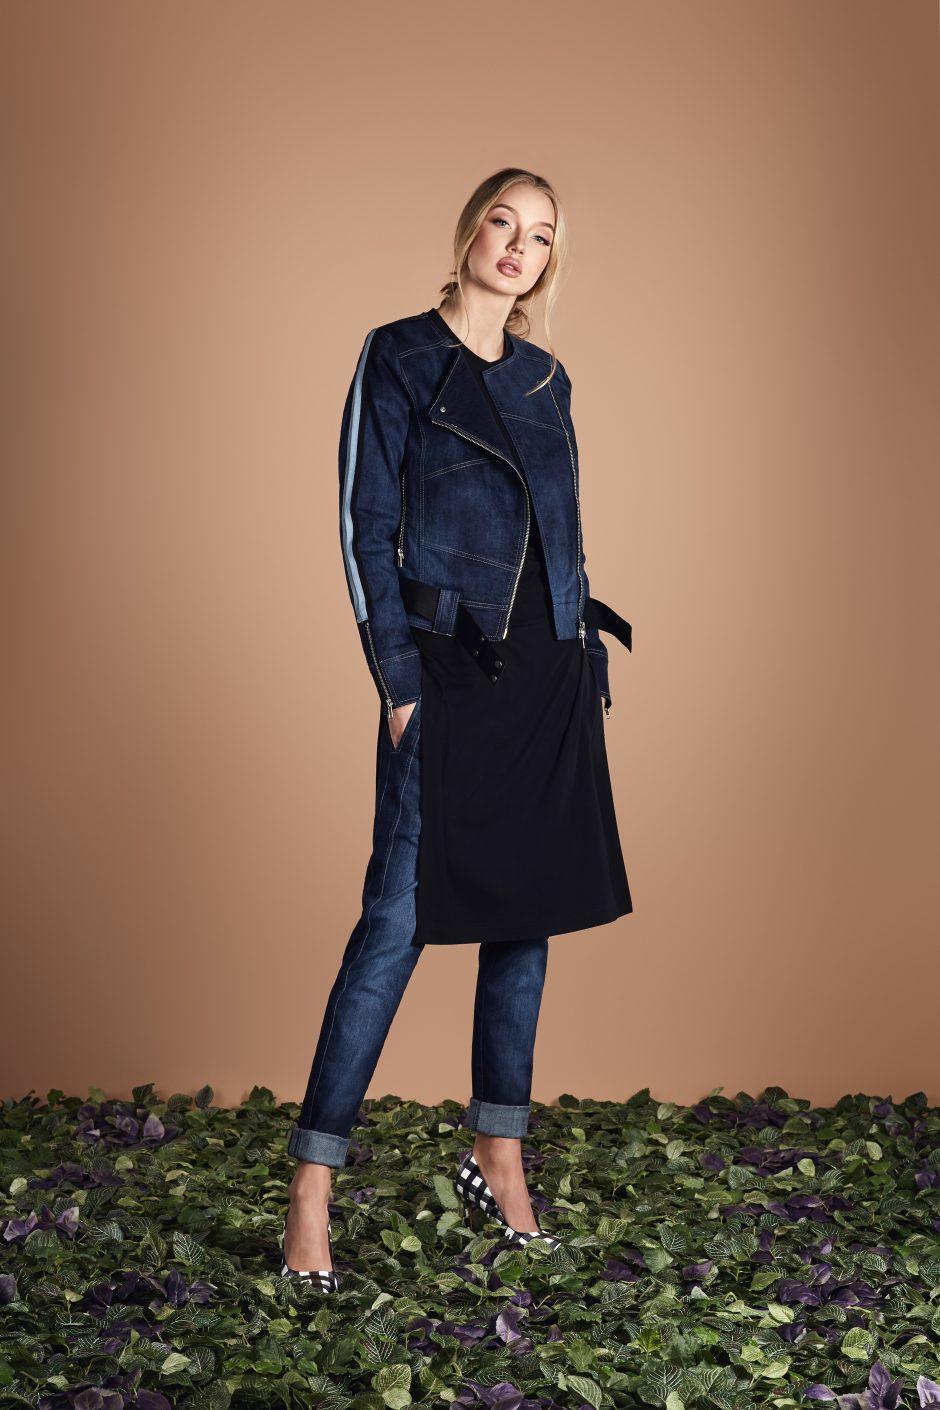 Naujausios D. Vapsvės drabužių kolekcijos devizas – viskas yra įmanoma!